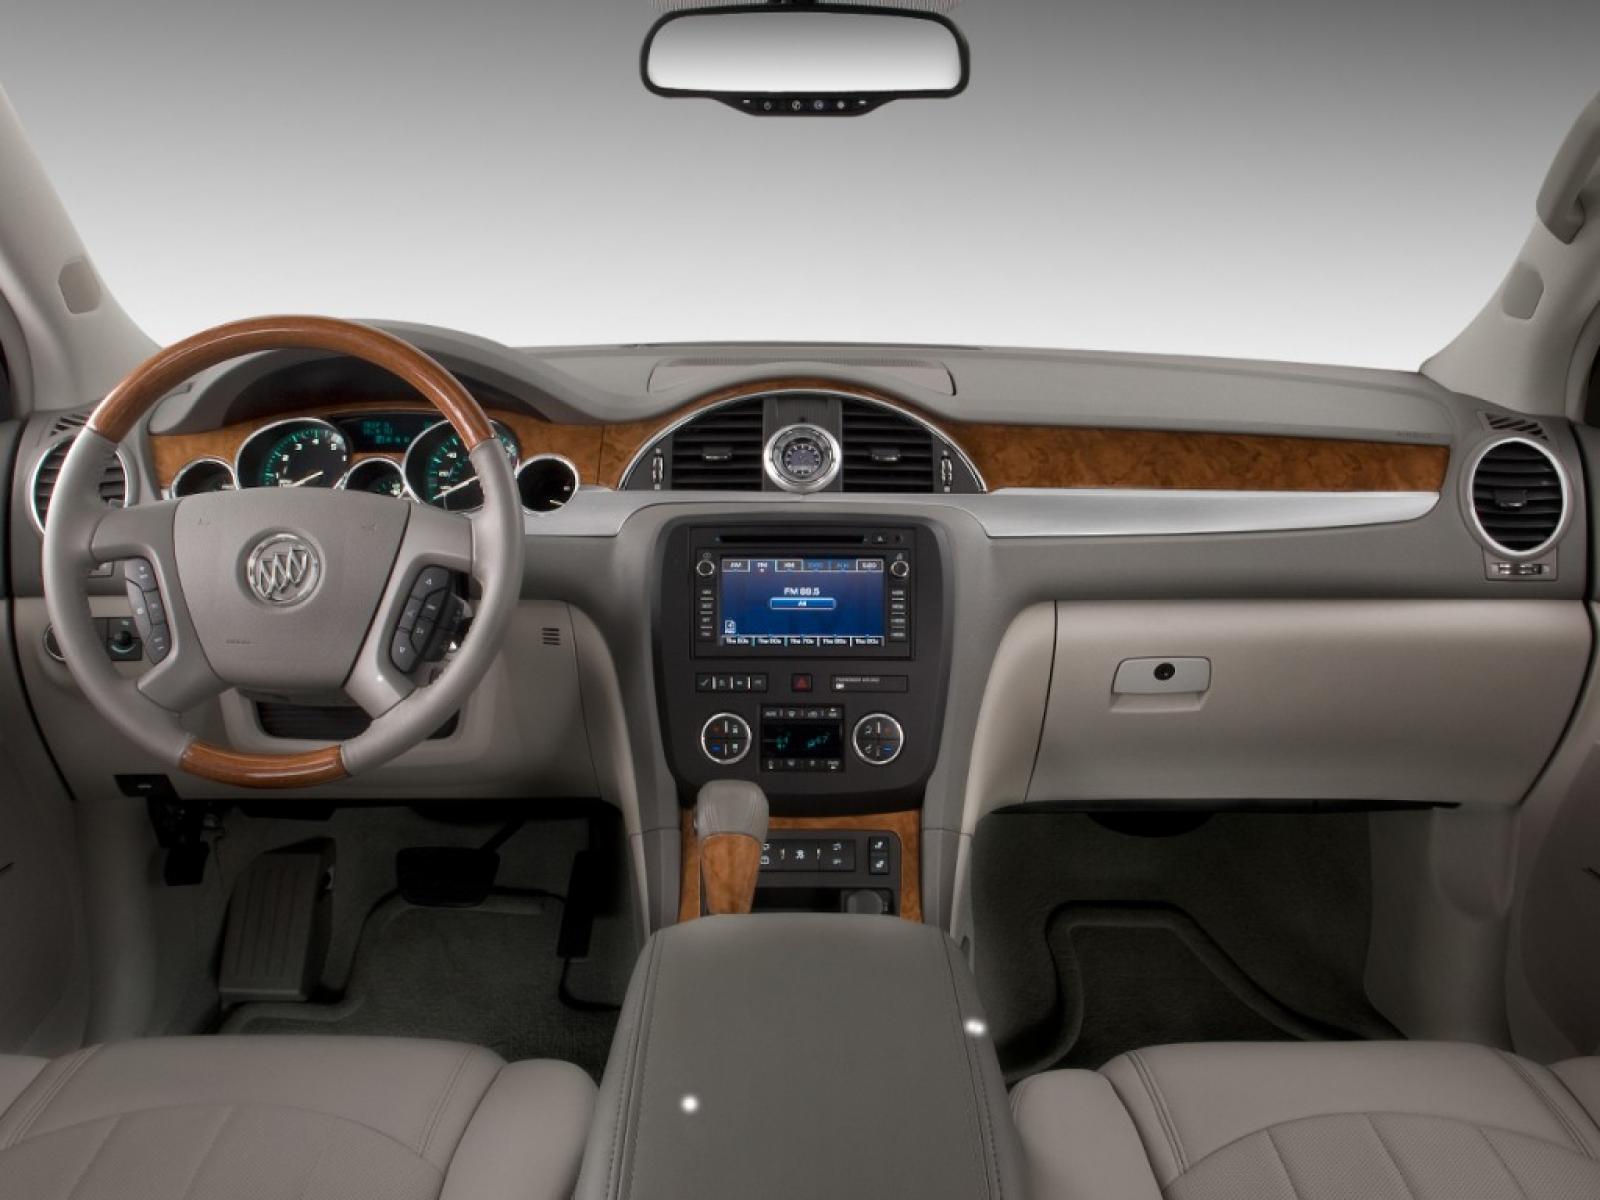 2010 Buick Enclave.